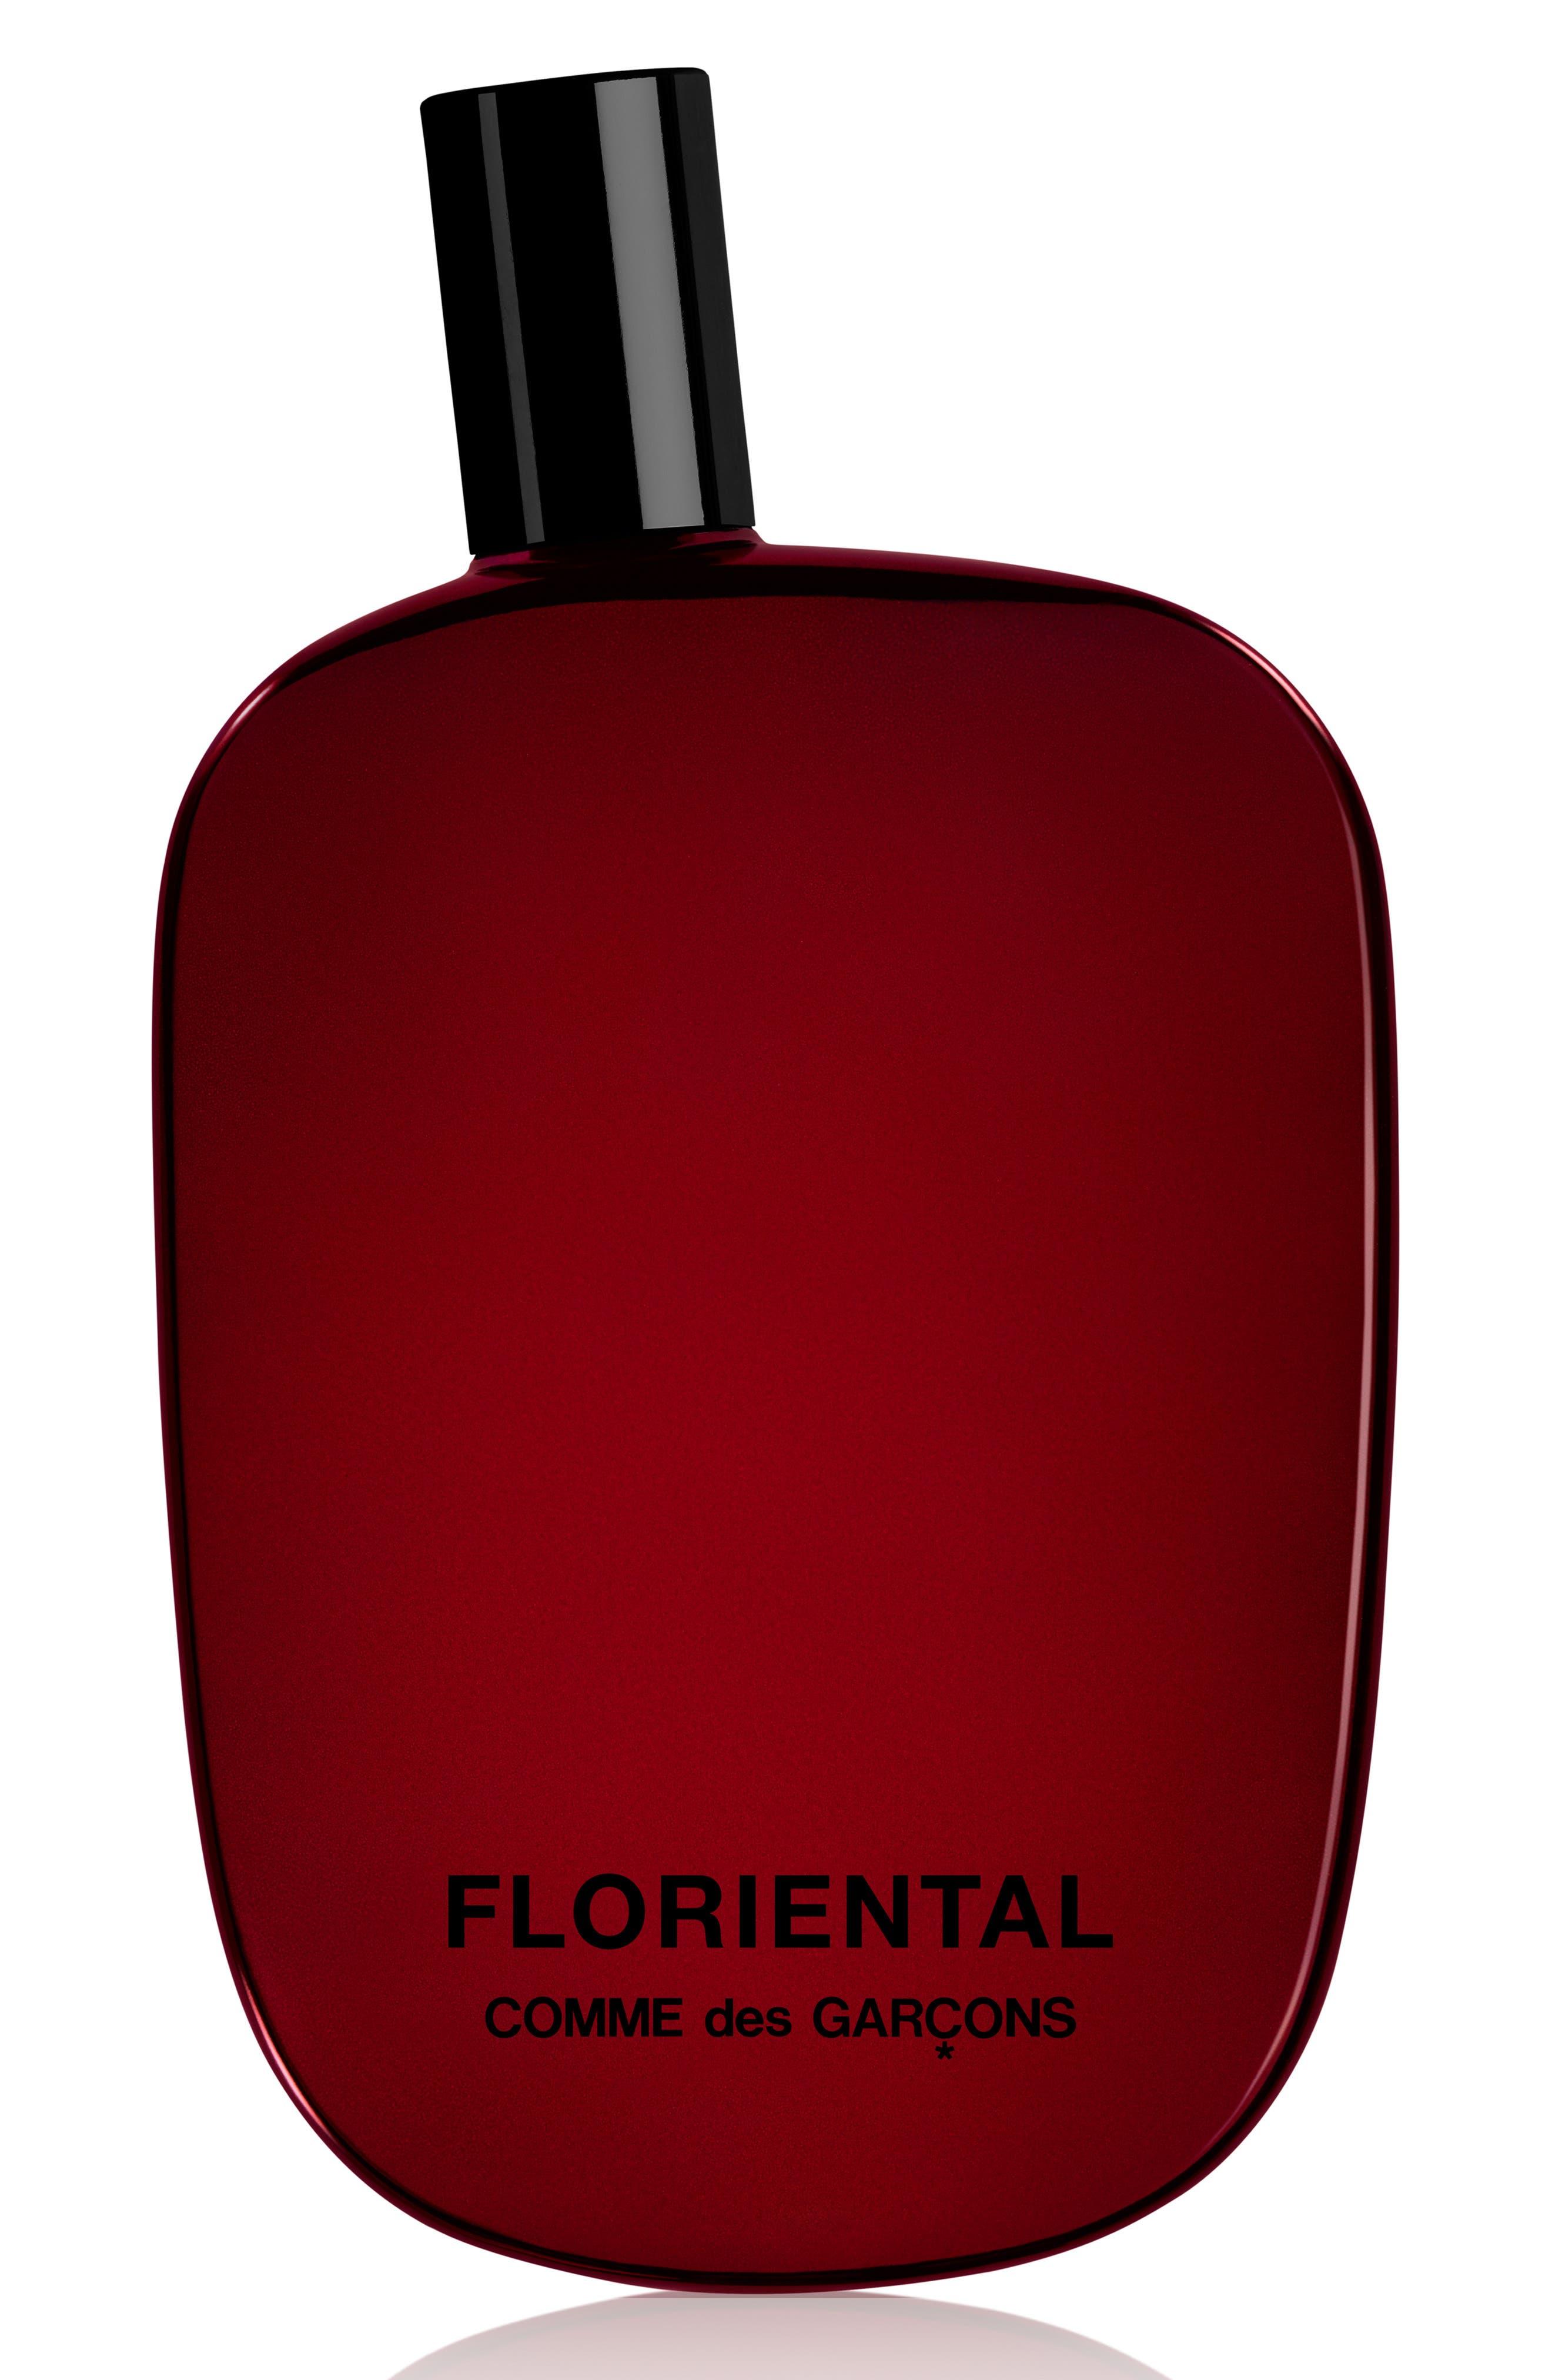 Comme des Garçons Floriental Eau de Parfum